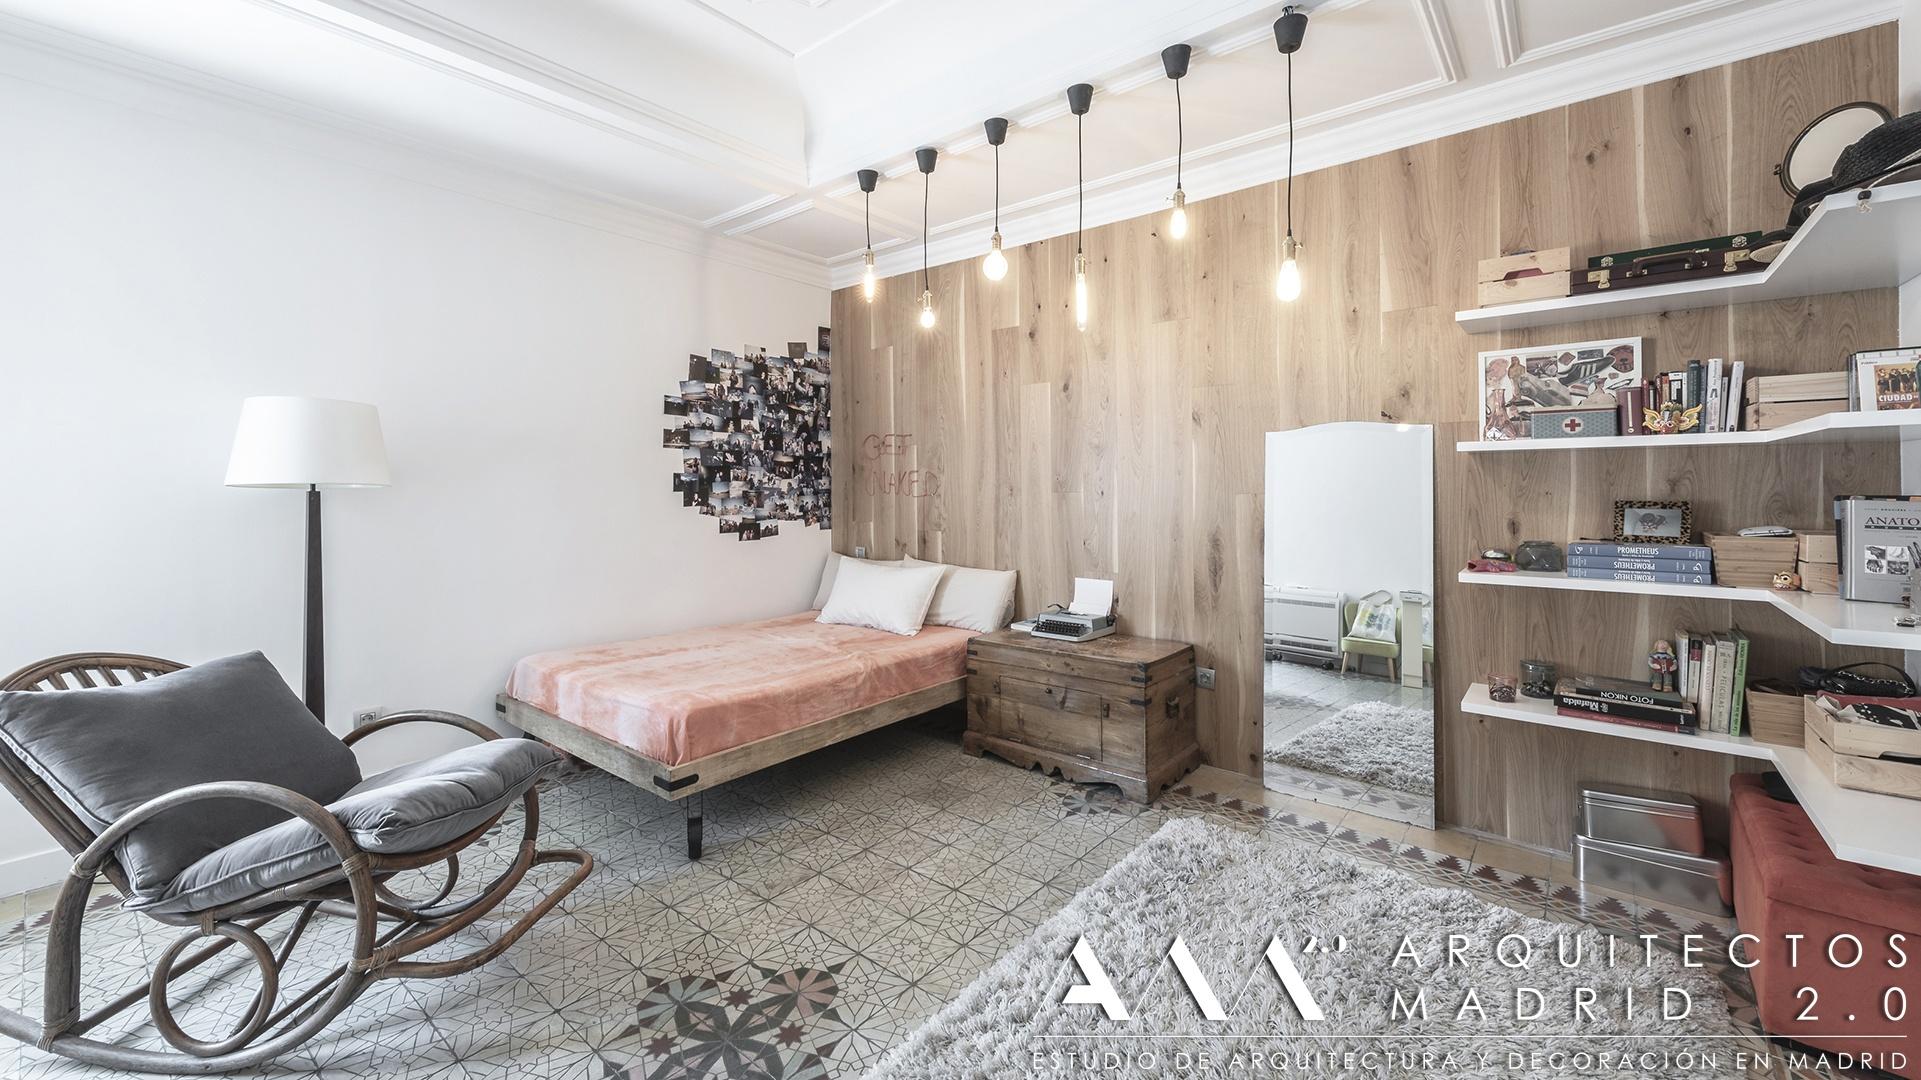 consejos-ideas-reformas-integrales-reformar-casa-salon-cocina-dormitorio-reforma-hogar-interior-decoracion-12